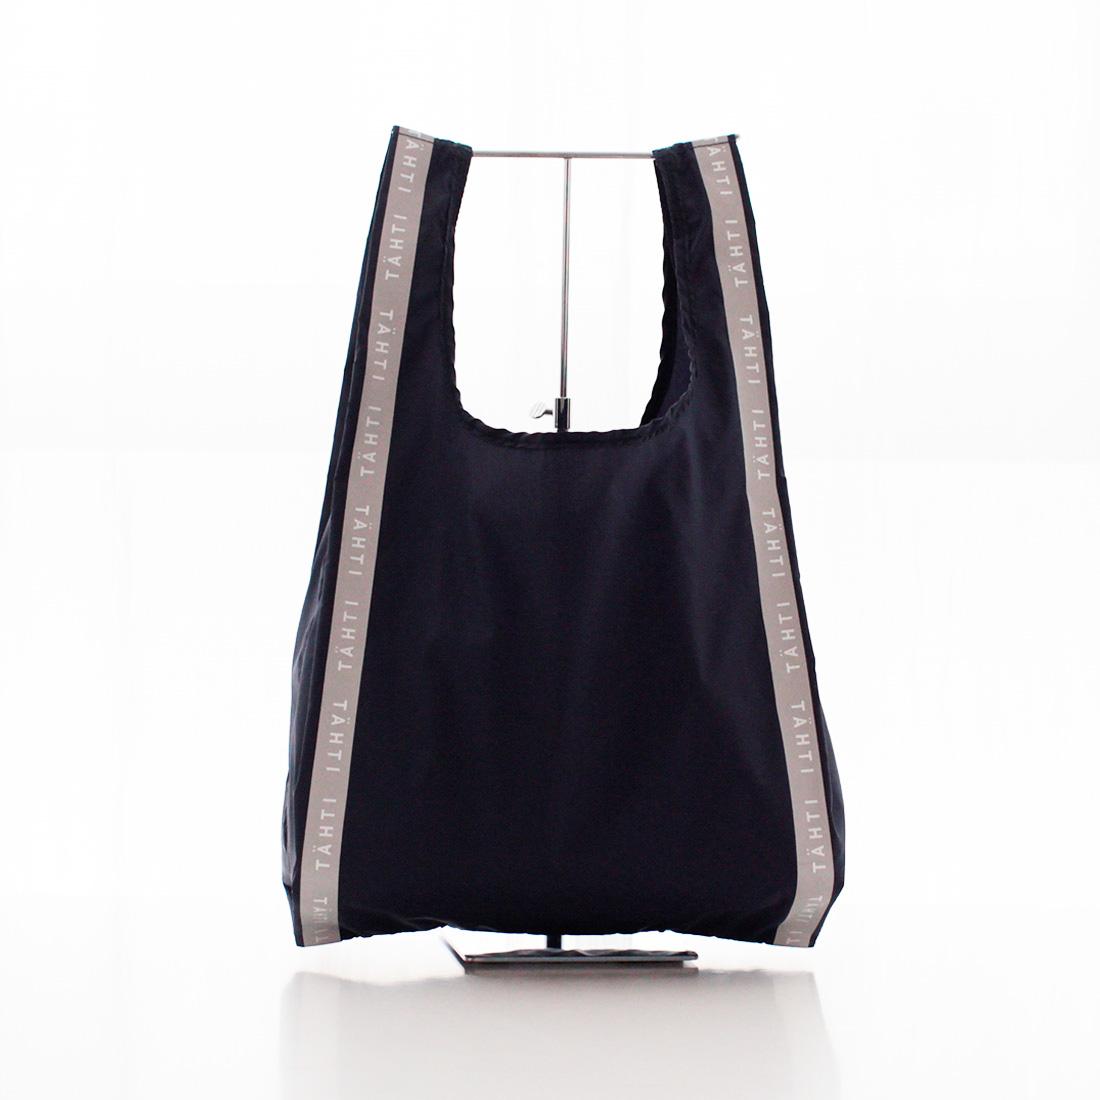 【TAHTI-タハティ-】 <BR>エコバッグ/マイバッグ 1201 ブラック <BR>洗える リフレクター(反射材)付き